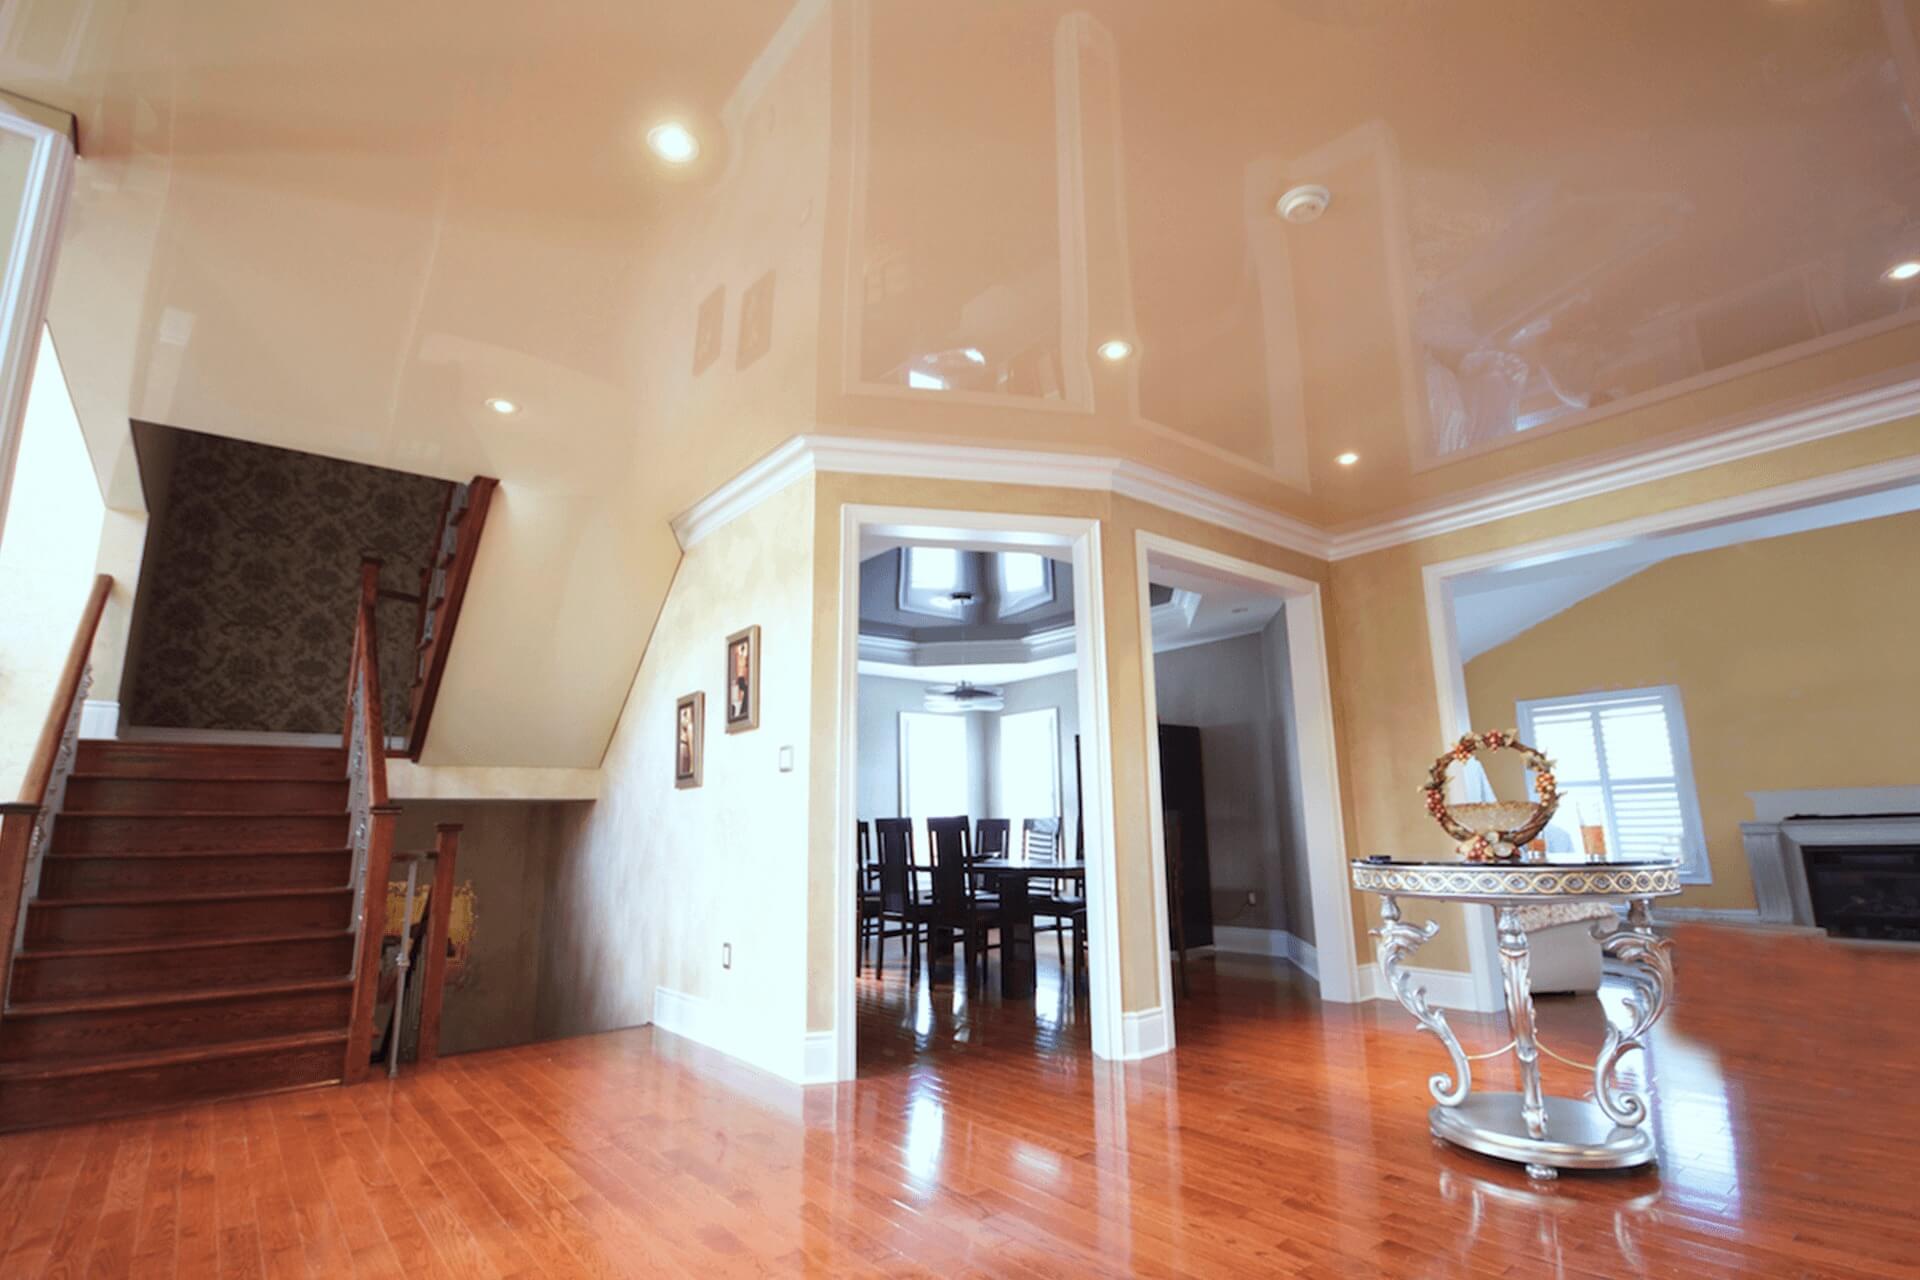 Глянцевый натяжной потолок в доме